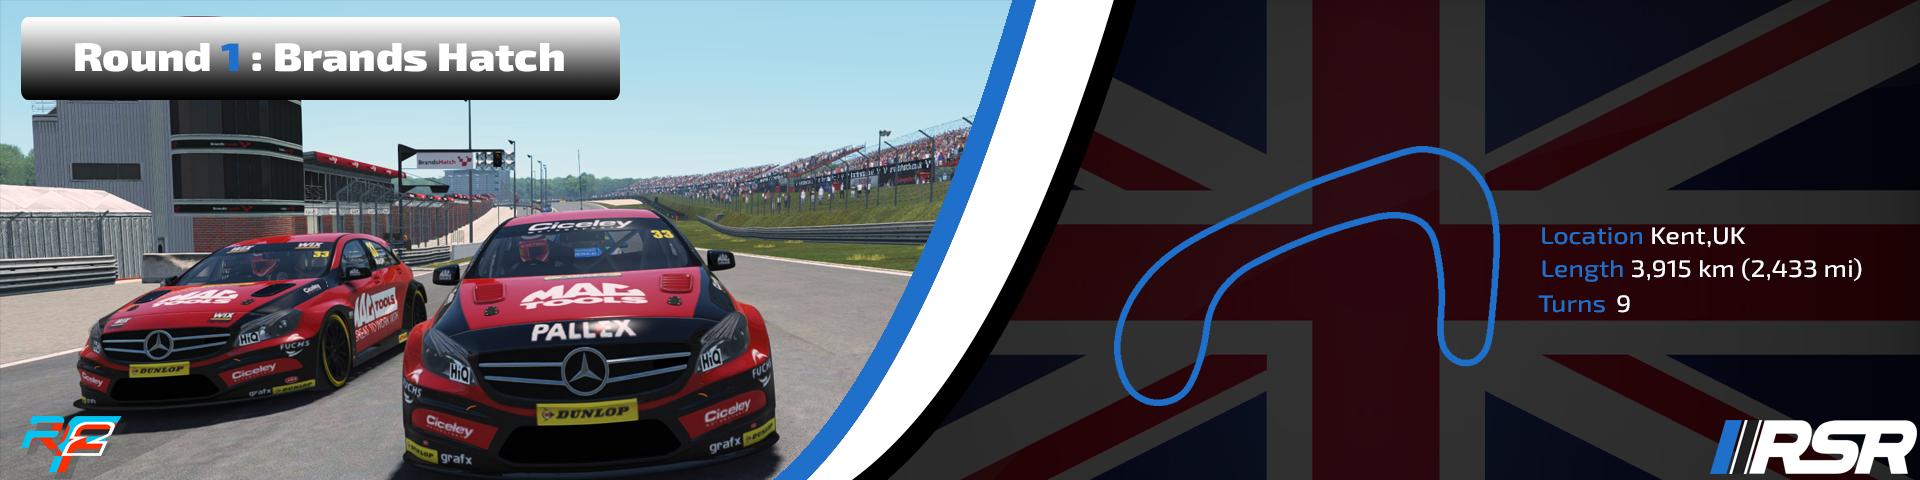 Round 1 - Brands Hatch.png